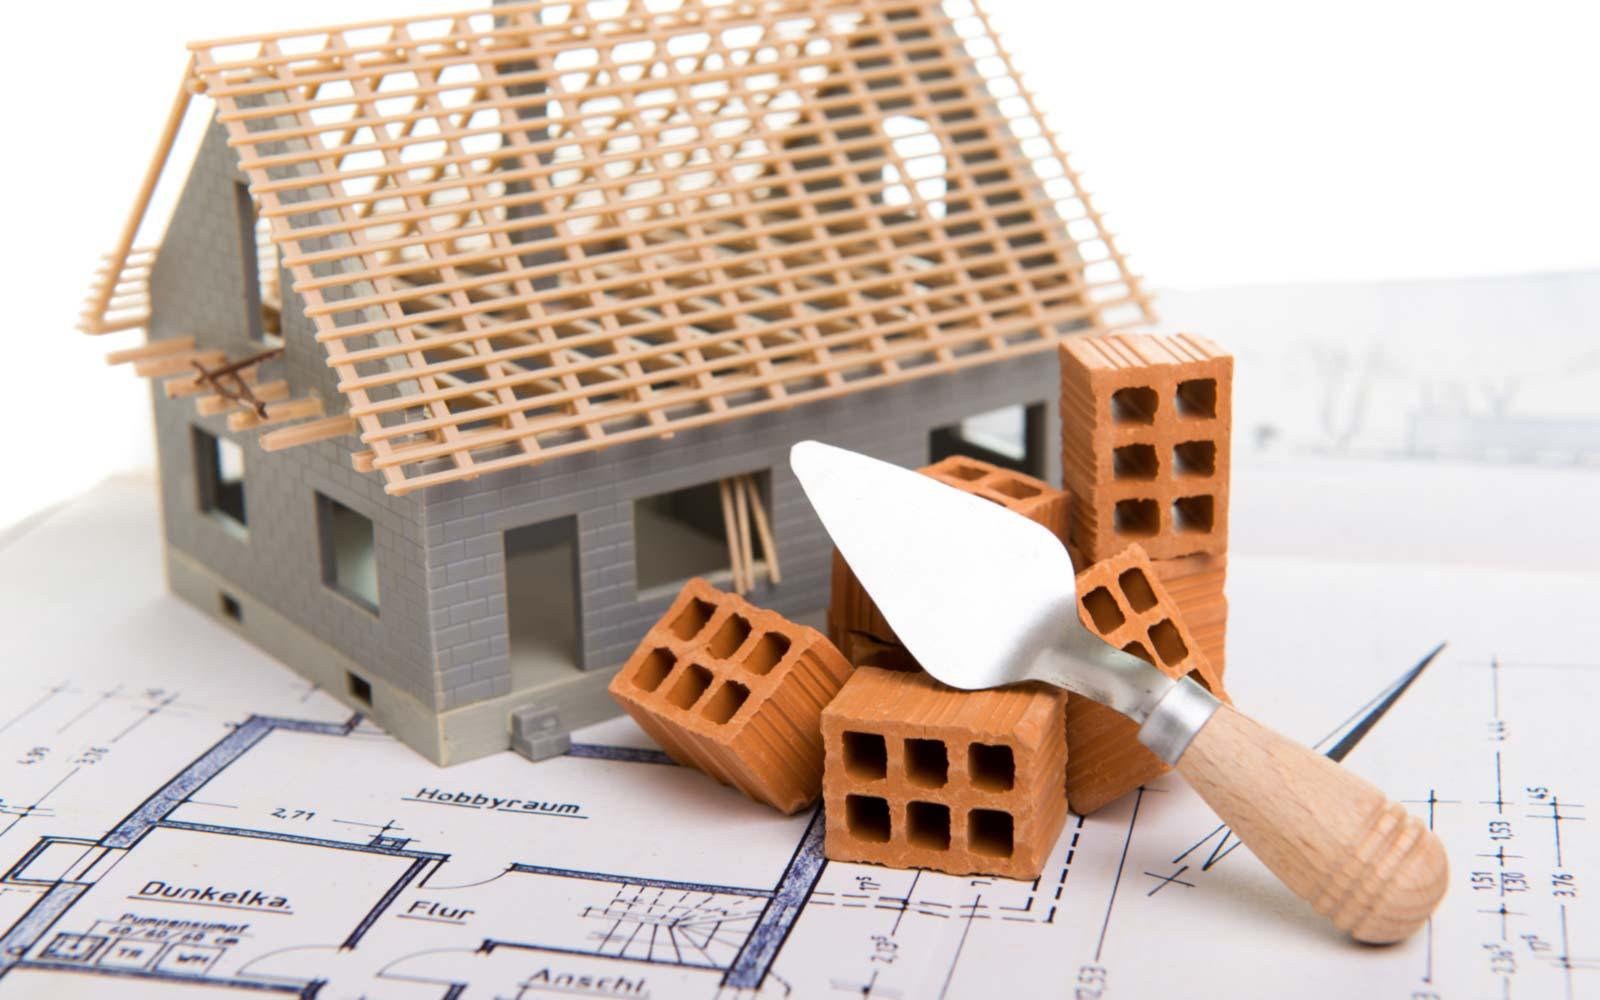 Wer ein Haus baut kann Steuern sparen © Gerhard Seybert - Fotolia.com